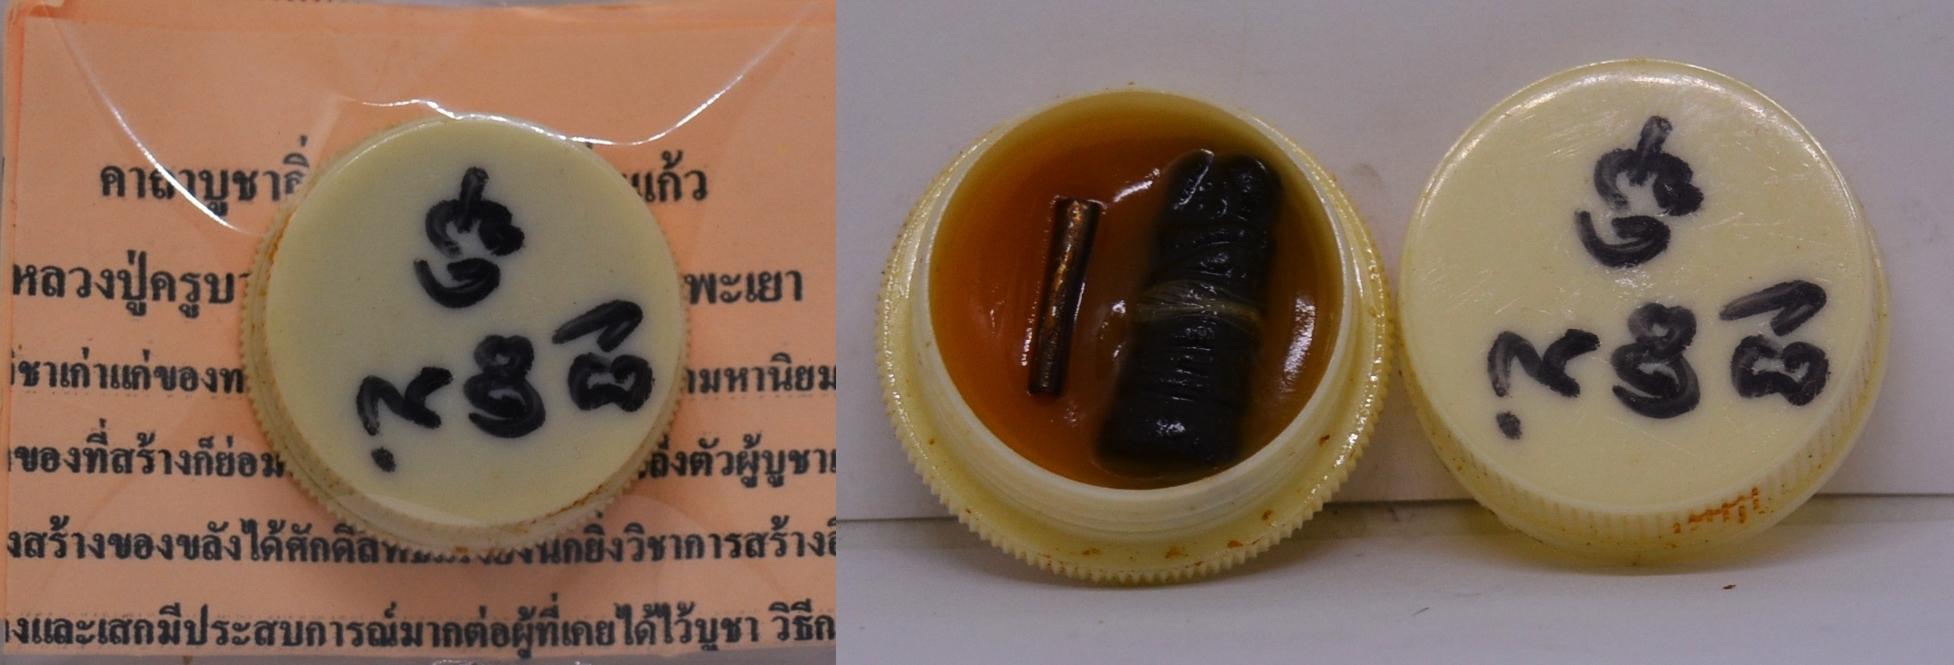 สีผึ้งพญาอิ่นแก้ว ครูบาแก้ว กมฺมสุทโธ วัดร่องดู่ จ.พะเยา 2545